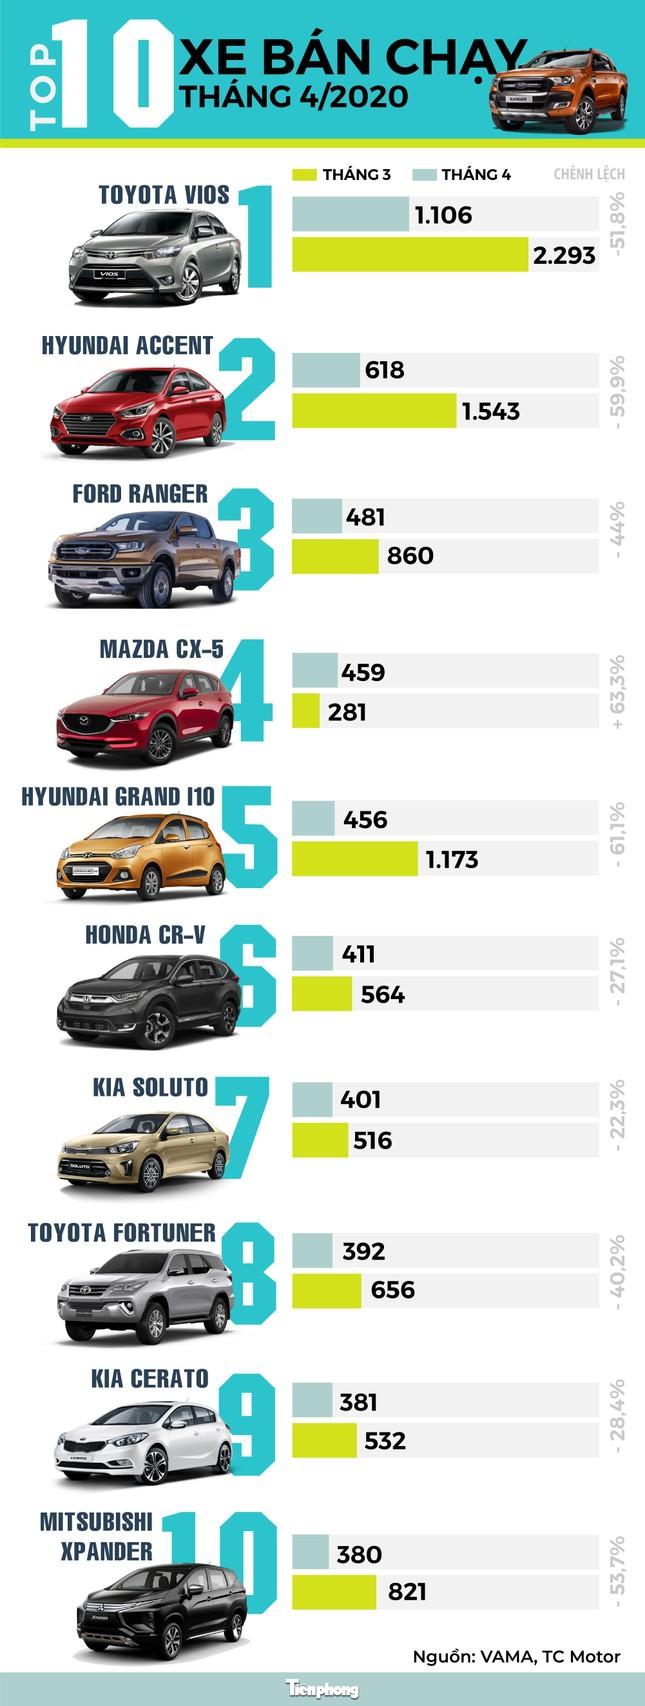 Top 10 ôtô bán chạy tháng 4 tại Việt Nam ảnh 1